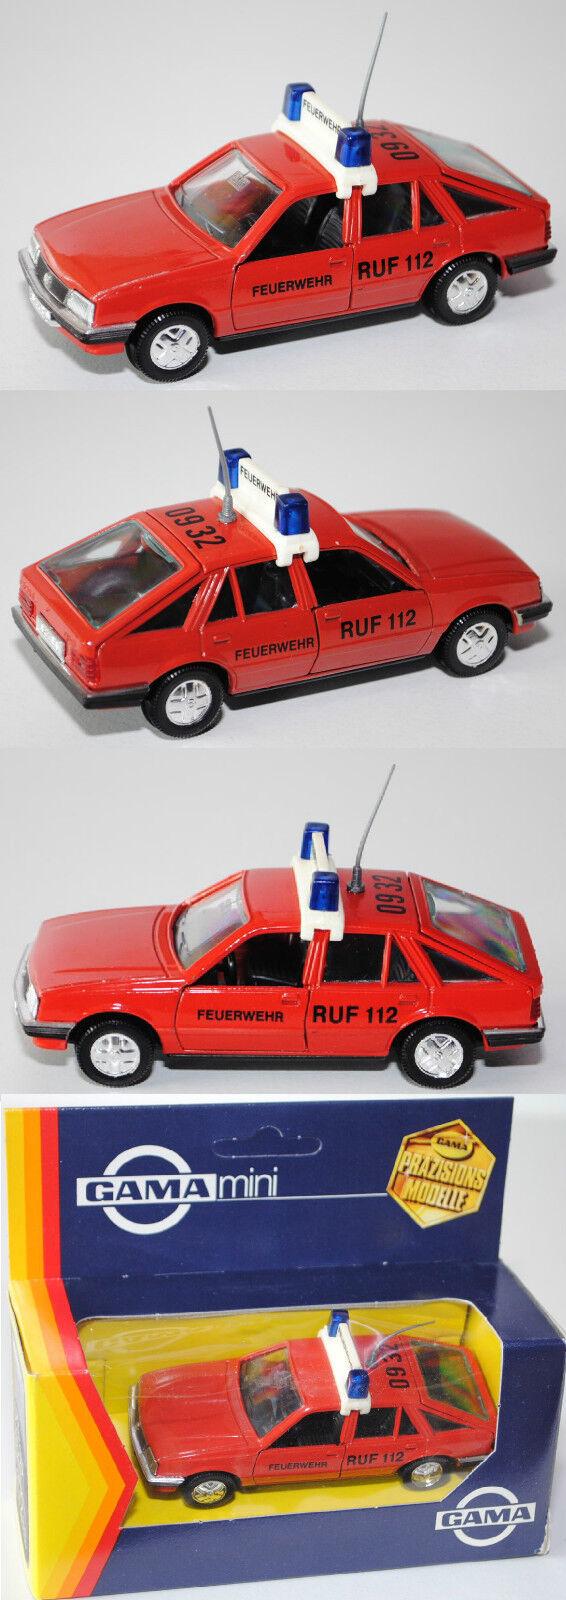 Gama Mini 1172 OPEL ASCONA 1.6 S (Type c1, quatre portes, berline) pompiers, 1 43